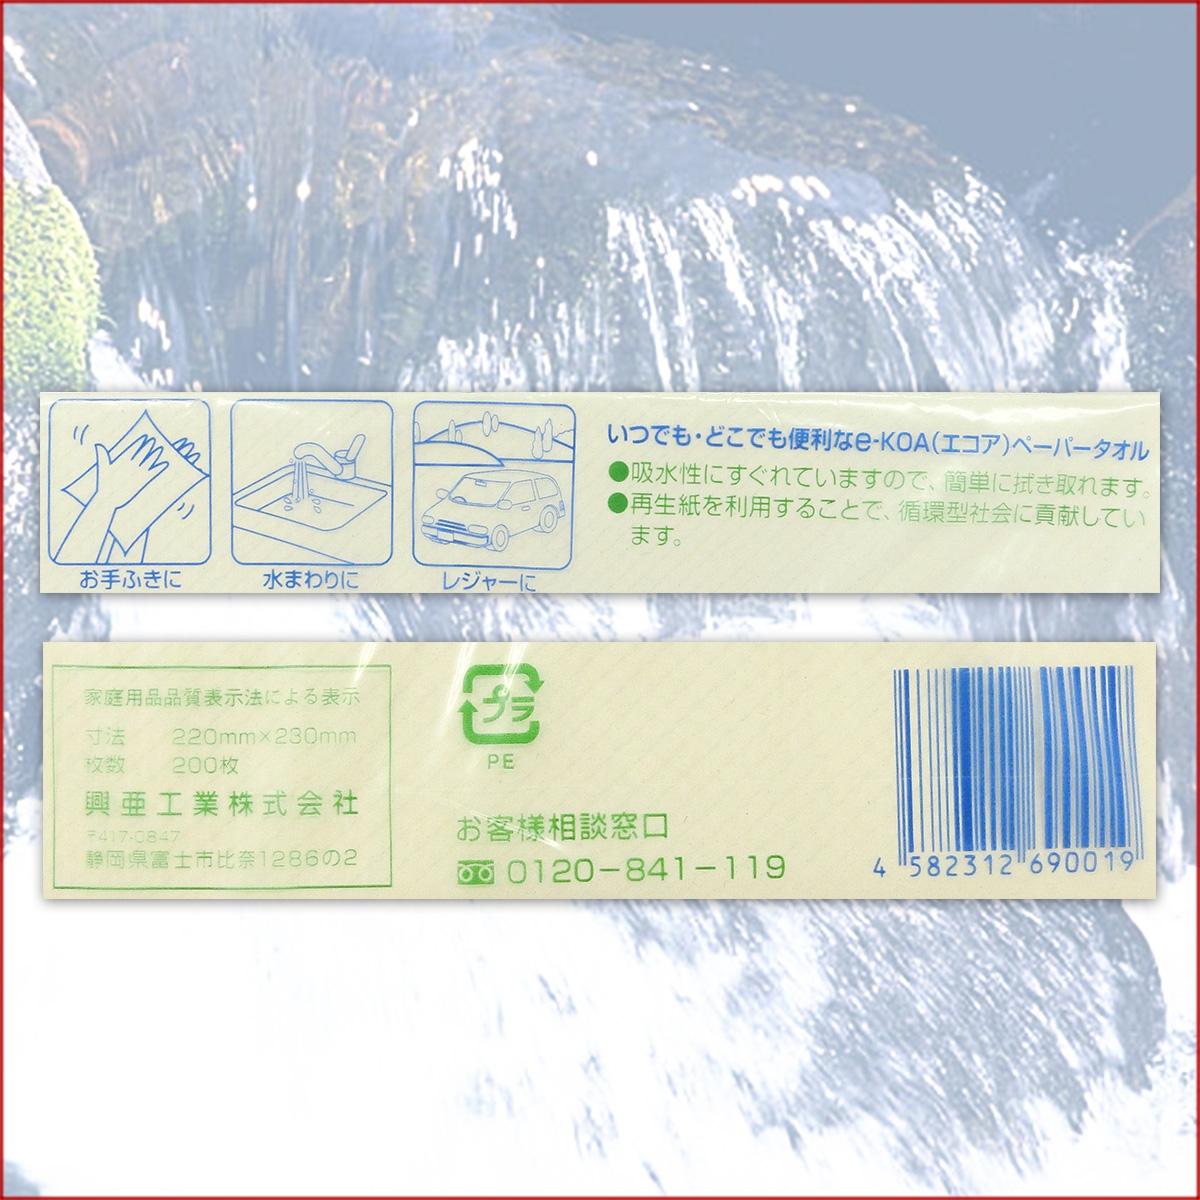 e-KOA(エコア) ペーパータオル 200枚 60パック(30パック×2ケース)の商品画像4